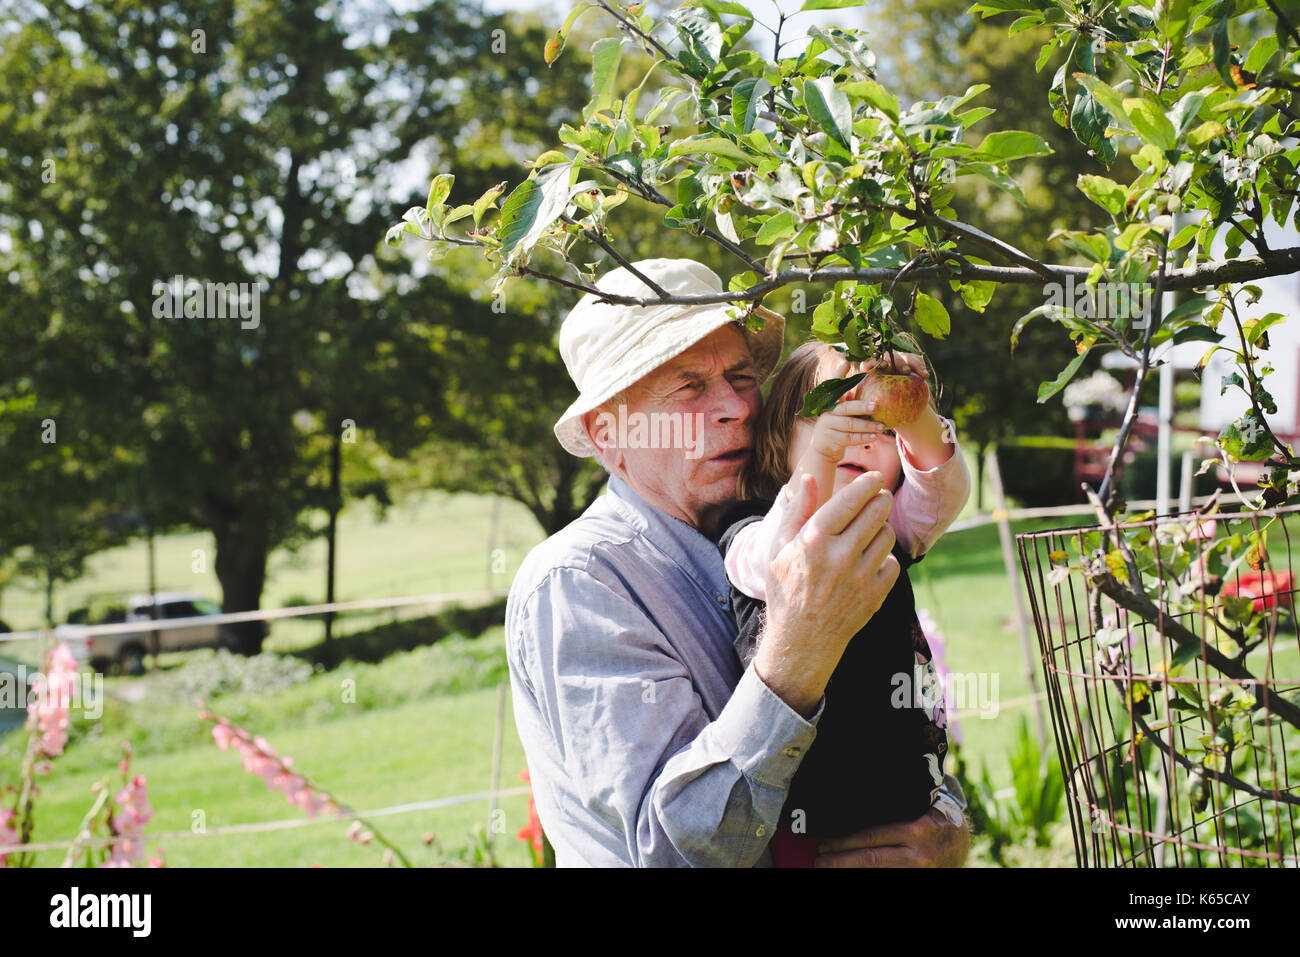 Un grand-père aide sa petite-fille choisissez une pomme d'un arbre. Photo Stock